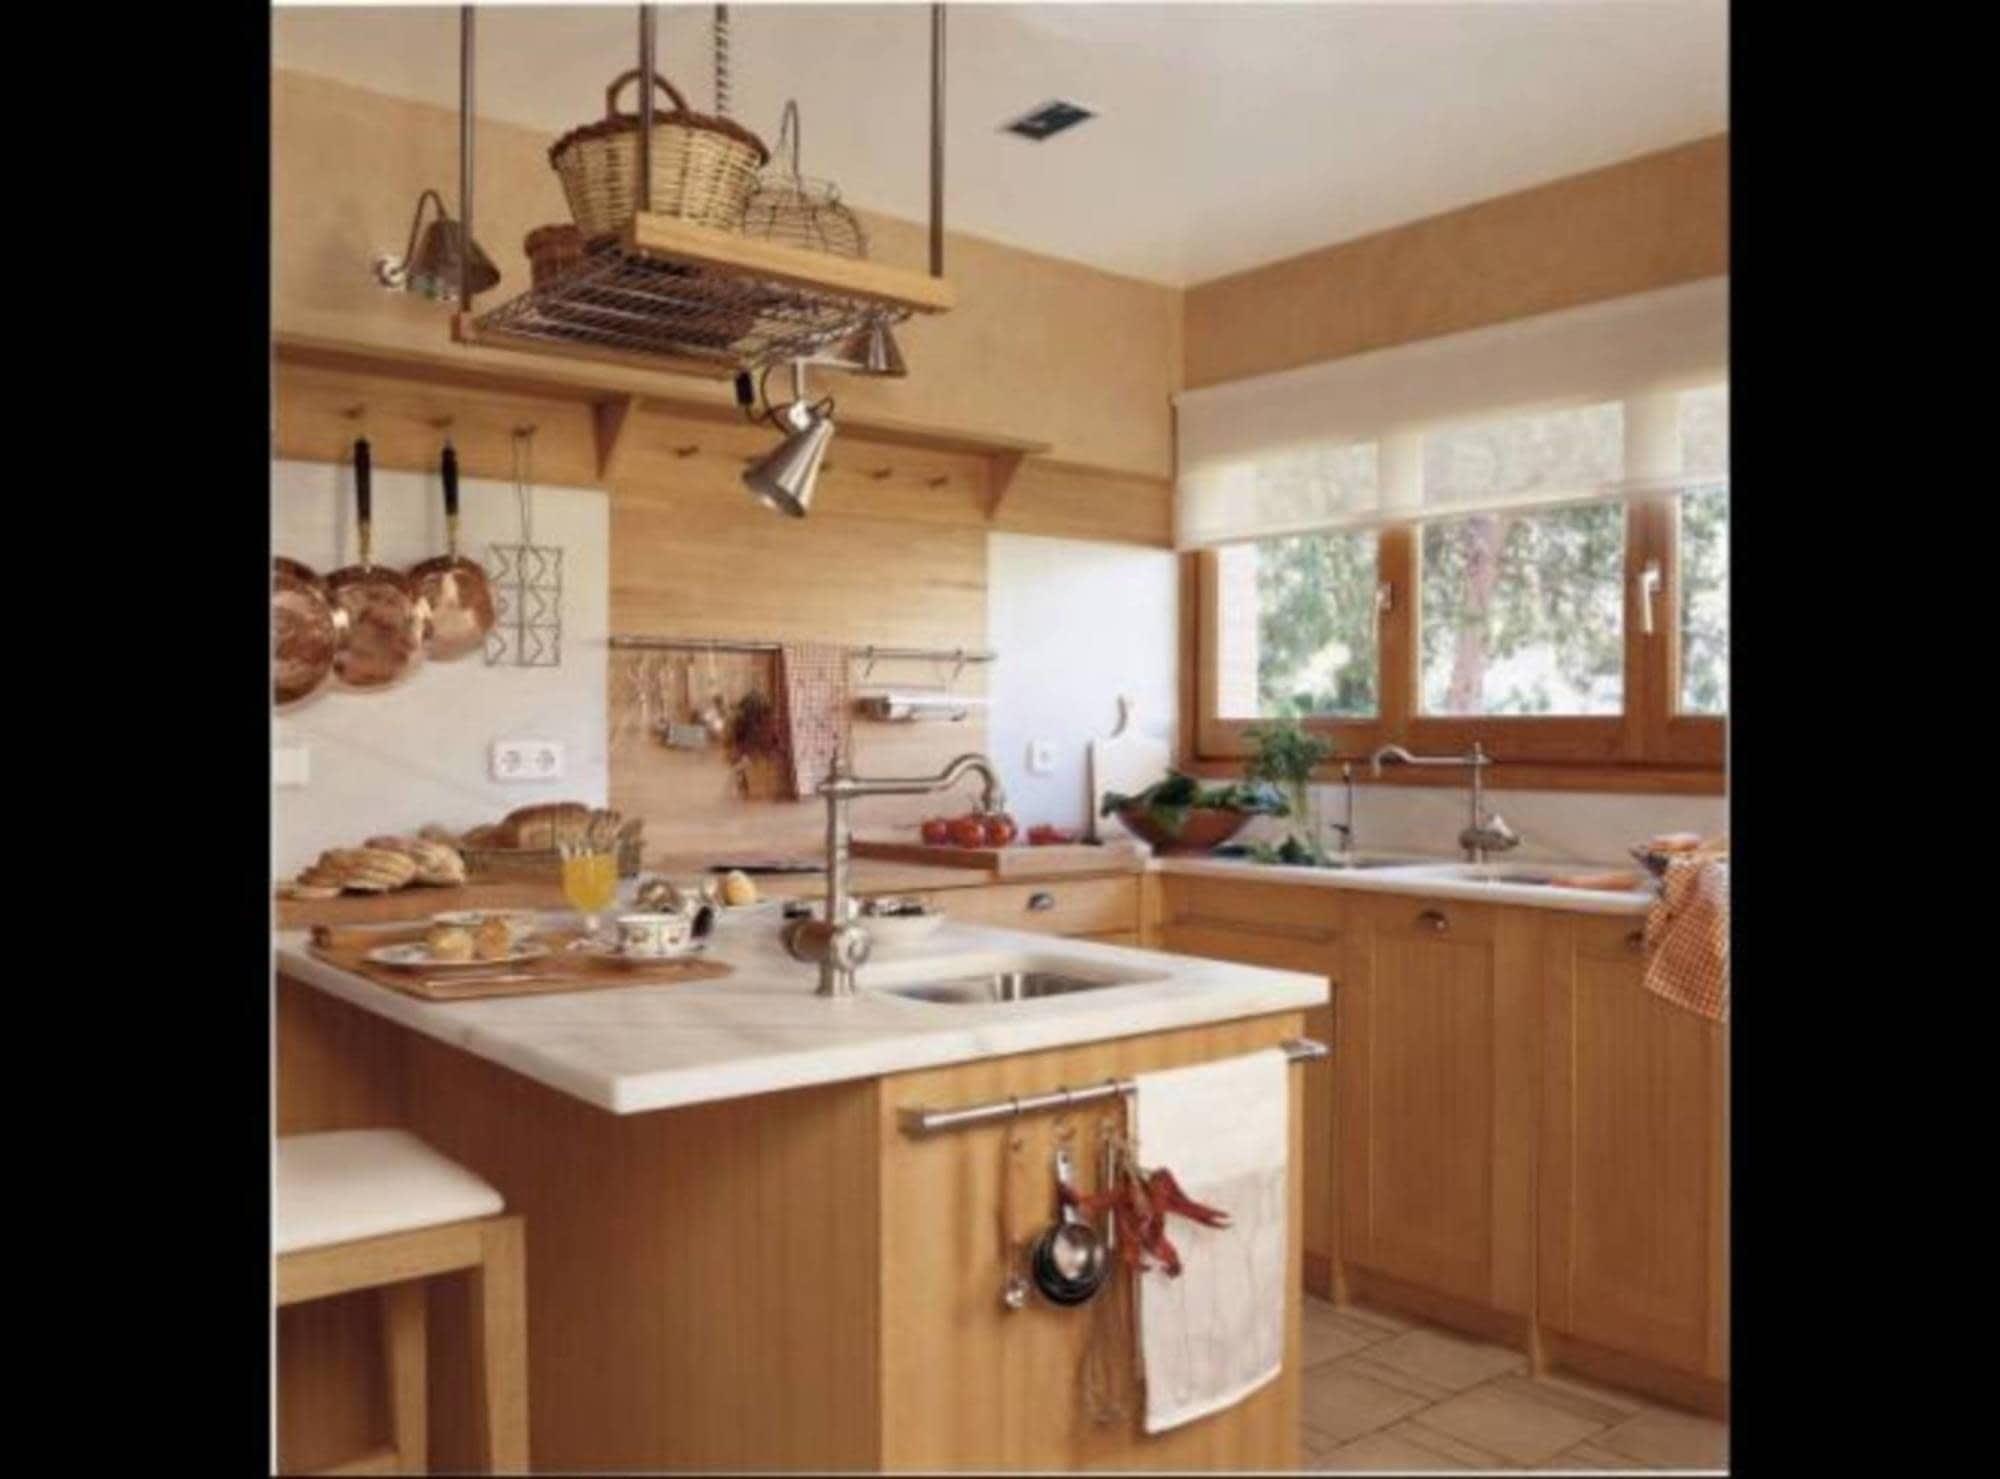 Perfecto Cocina Inteligente Embellecimiento - Como Decorar la Cocina ...